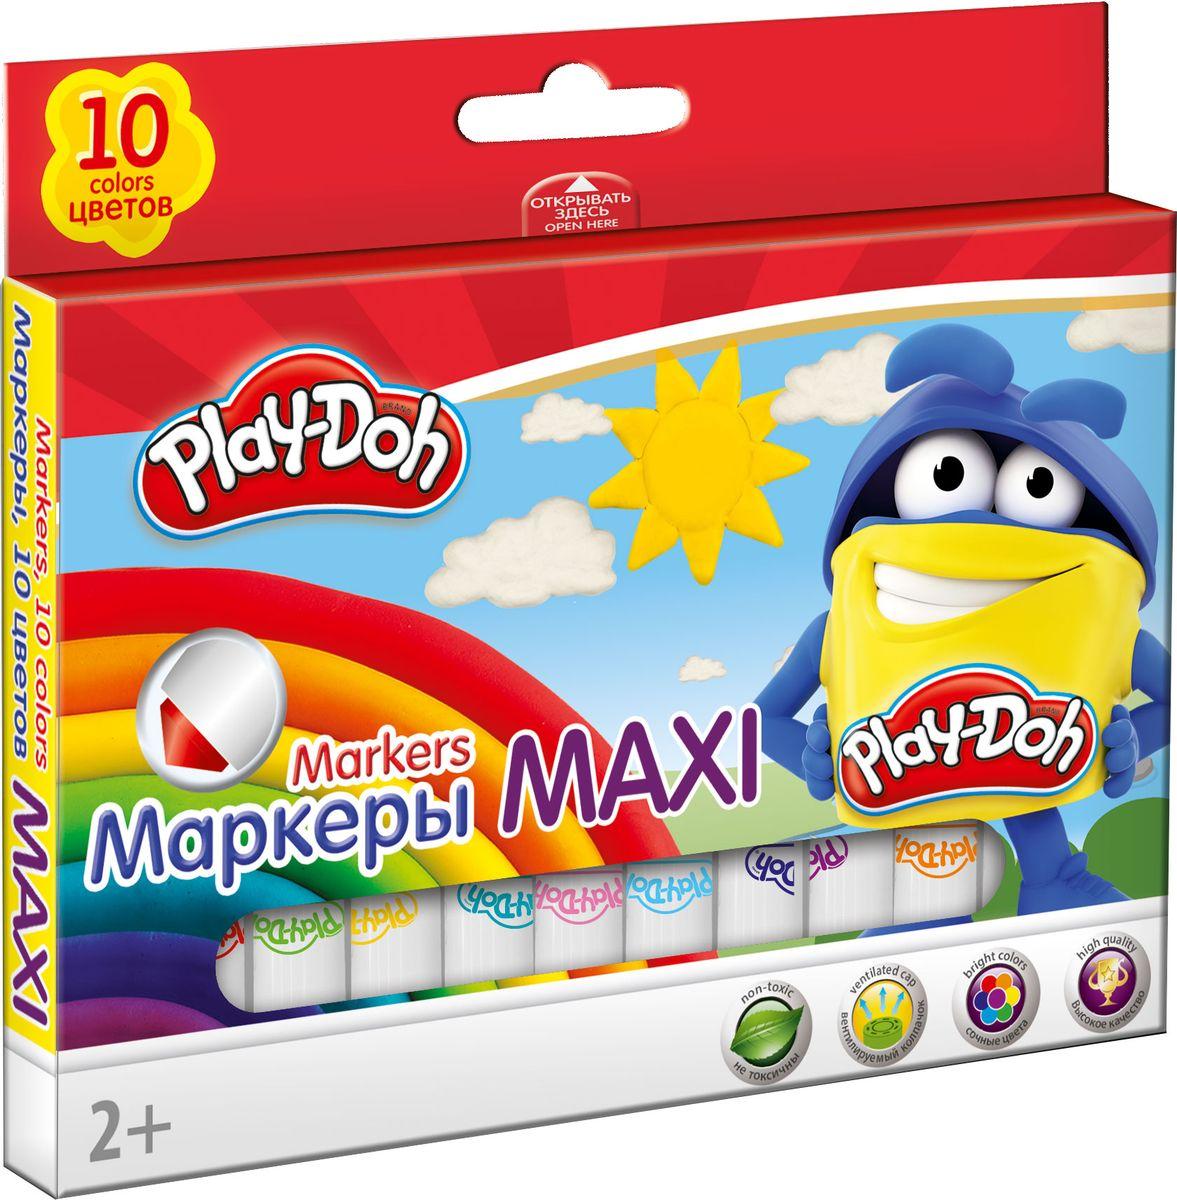 Play-Doh Набор толстых фломастеров Mega Jumbo 10 цветовPDEB-US1-7MB-10Набор фломастеров, Mega JUMBO, укороченные, 10 шт/10 цветов. Толщина стержня 7,5 мм. Высококачественный нетоксичный пластик, нейлоновый стержень, прочный утолщенный наконечник, сочные цвета, увеличенное содержание чернил, улучшенный пишущий узел. Утолщенная форма корпуса прививает навык правильно держать пишущий инструмент. Набор упакован в картонную коробку в европодвесом. Размер 10,5 х 15,5 х 1,5 см.